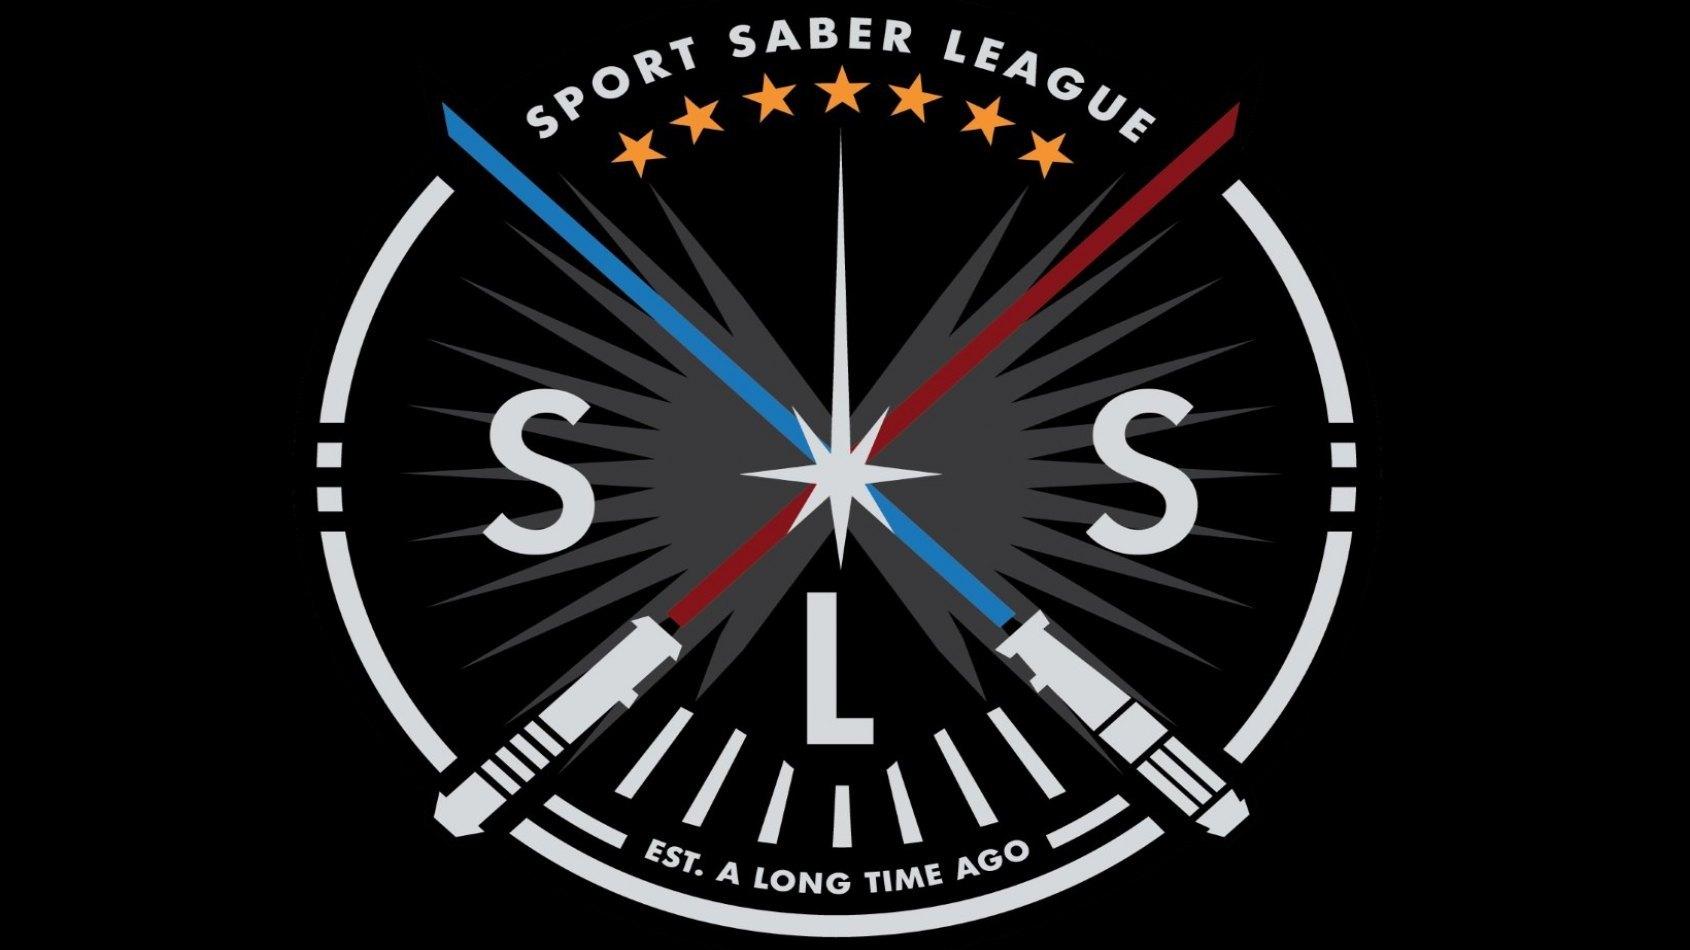 Les sabres laser fran�ais de la Sport Saber League